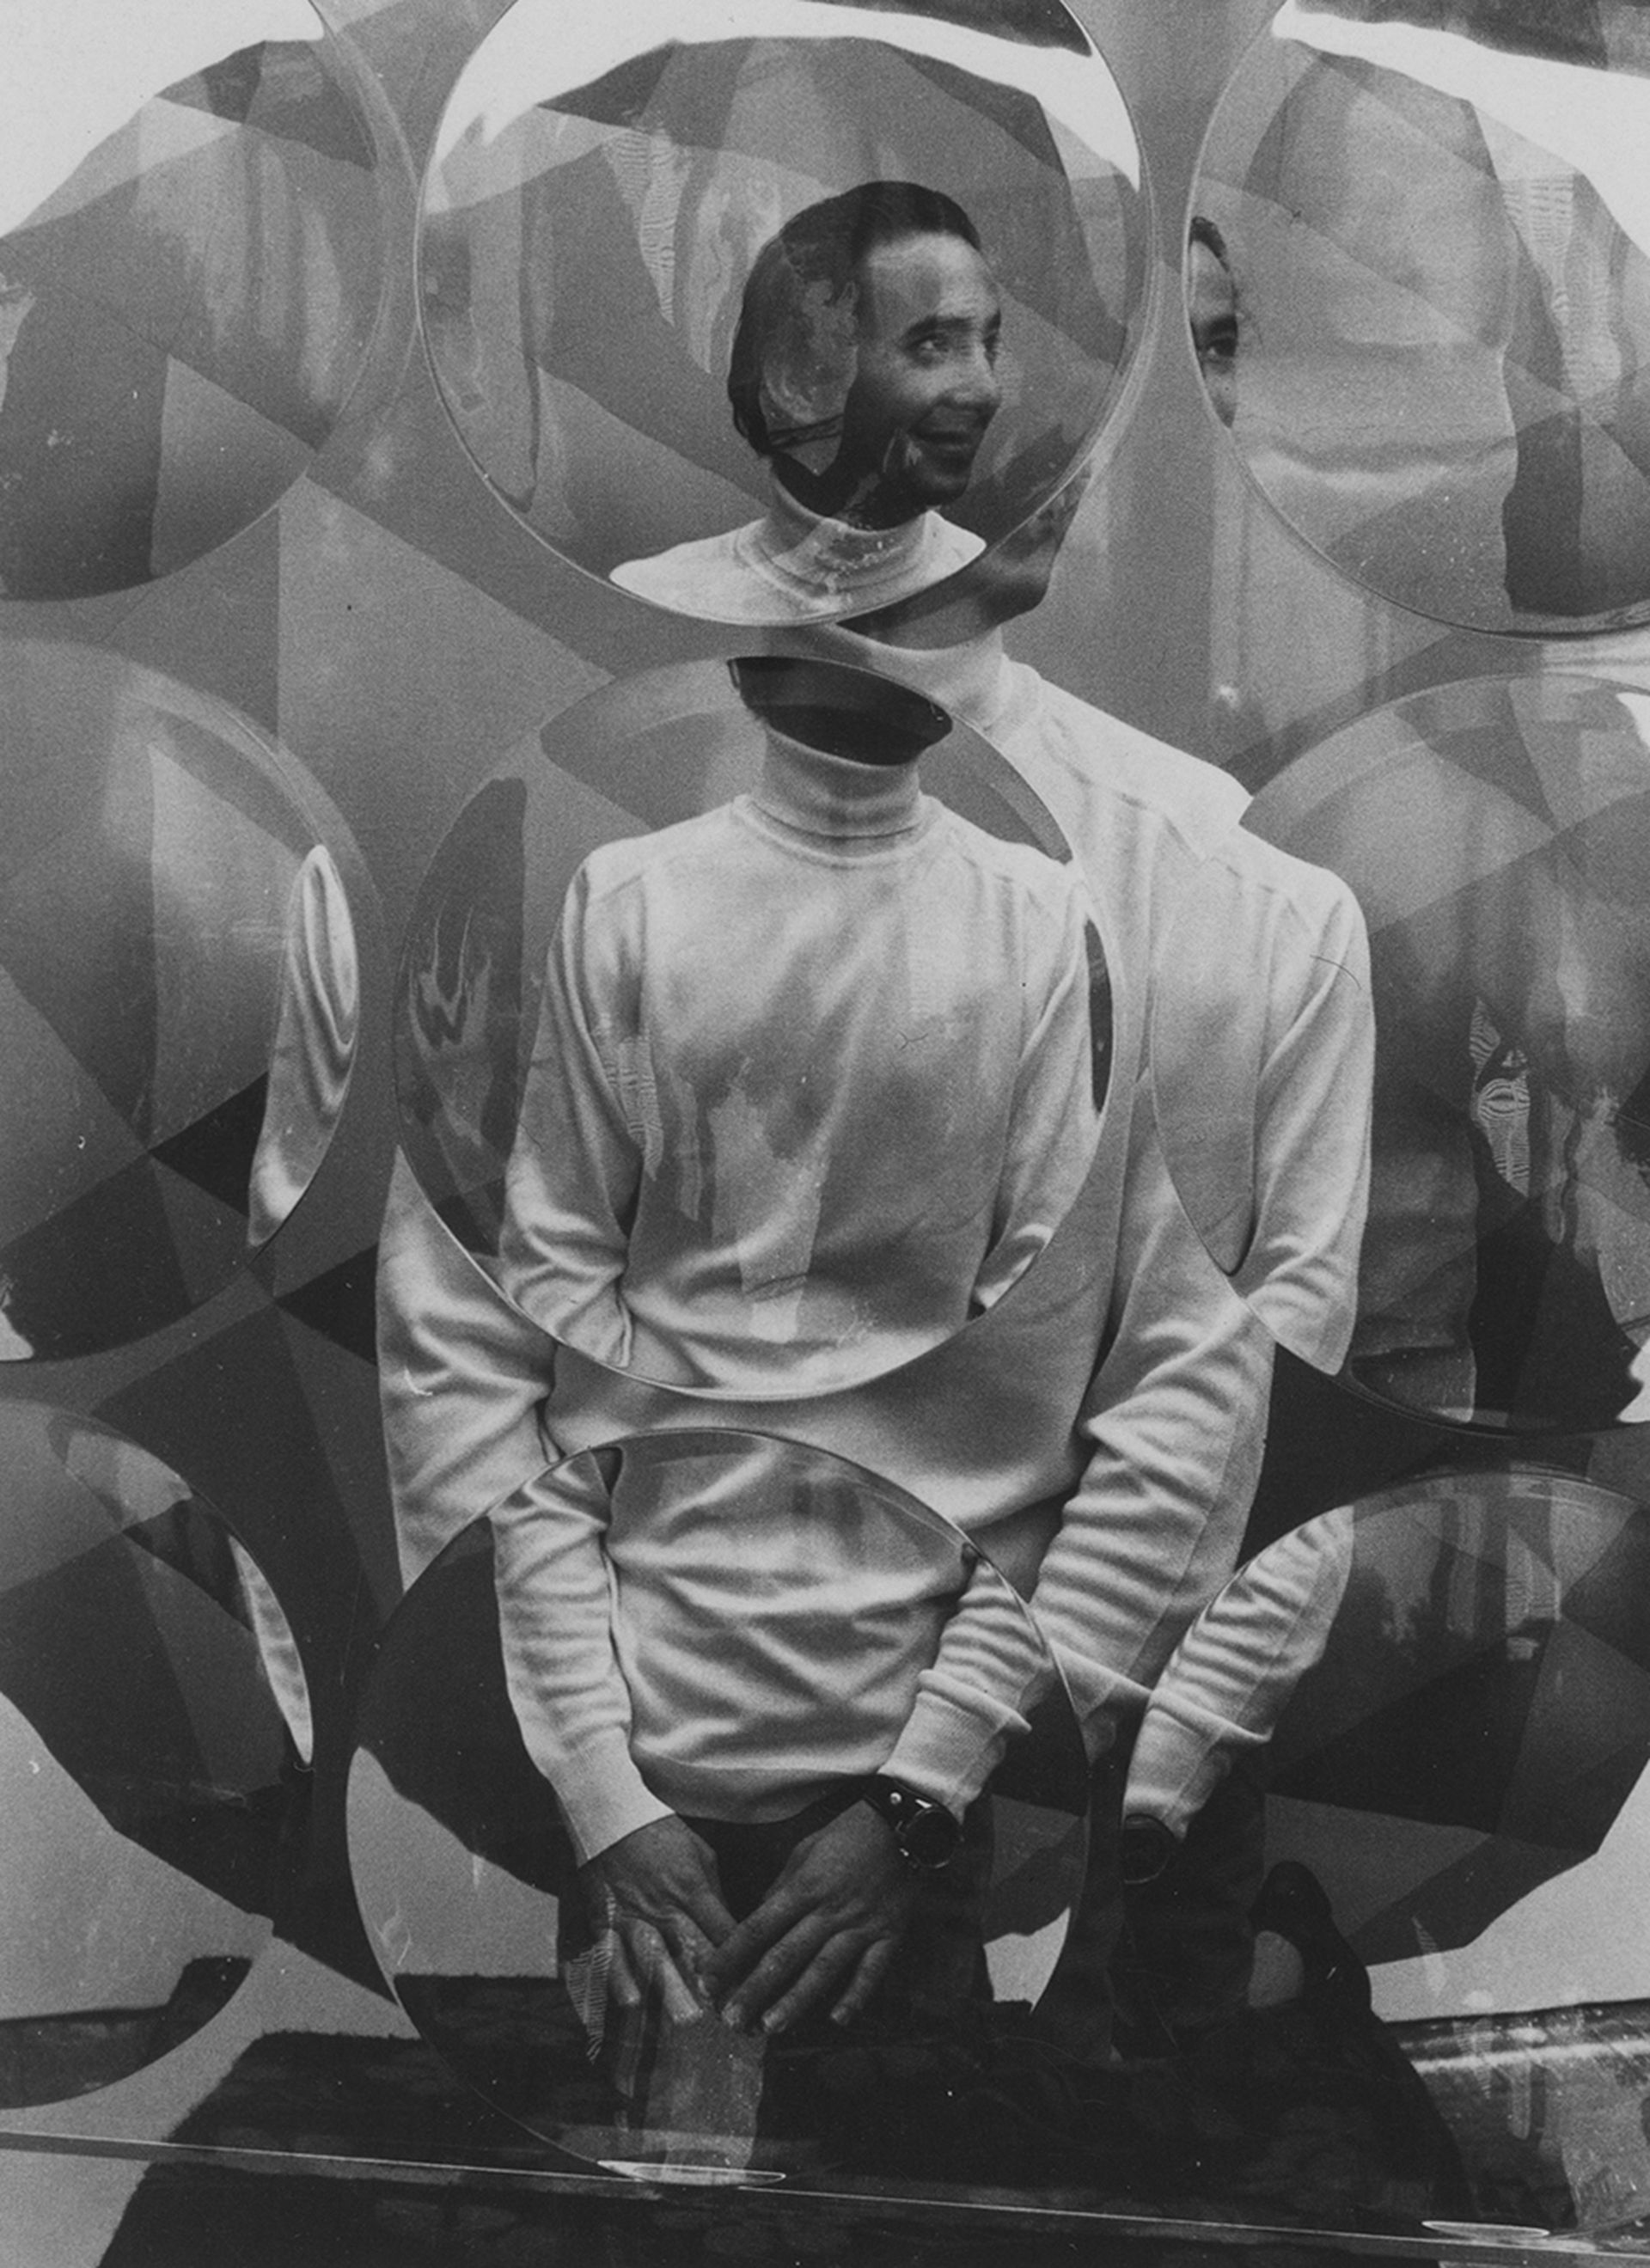 Retrato de Rogelio Polesello